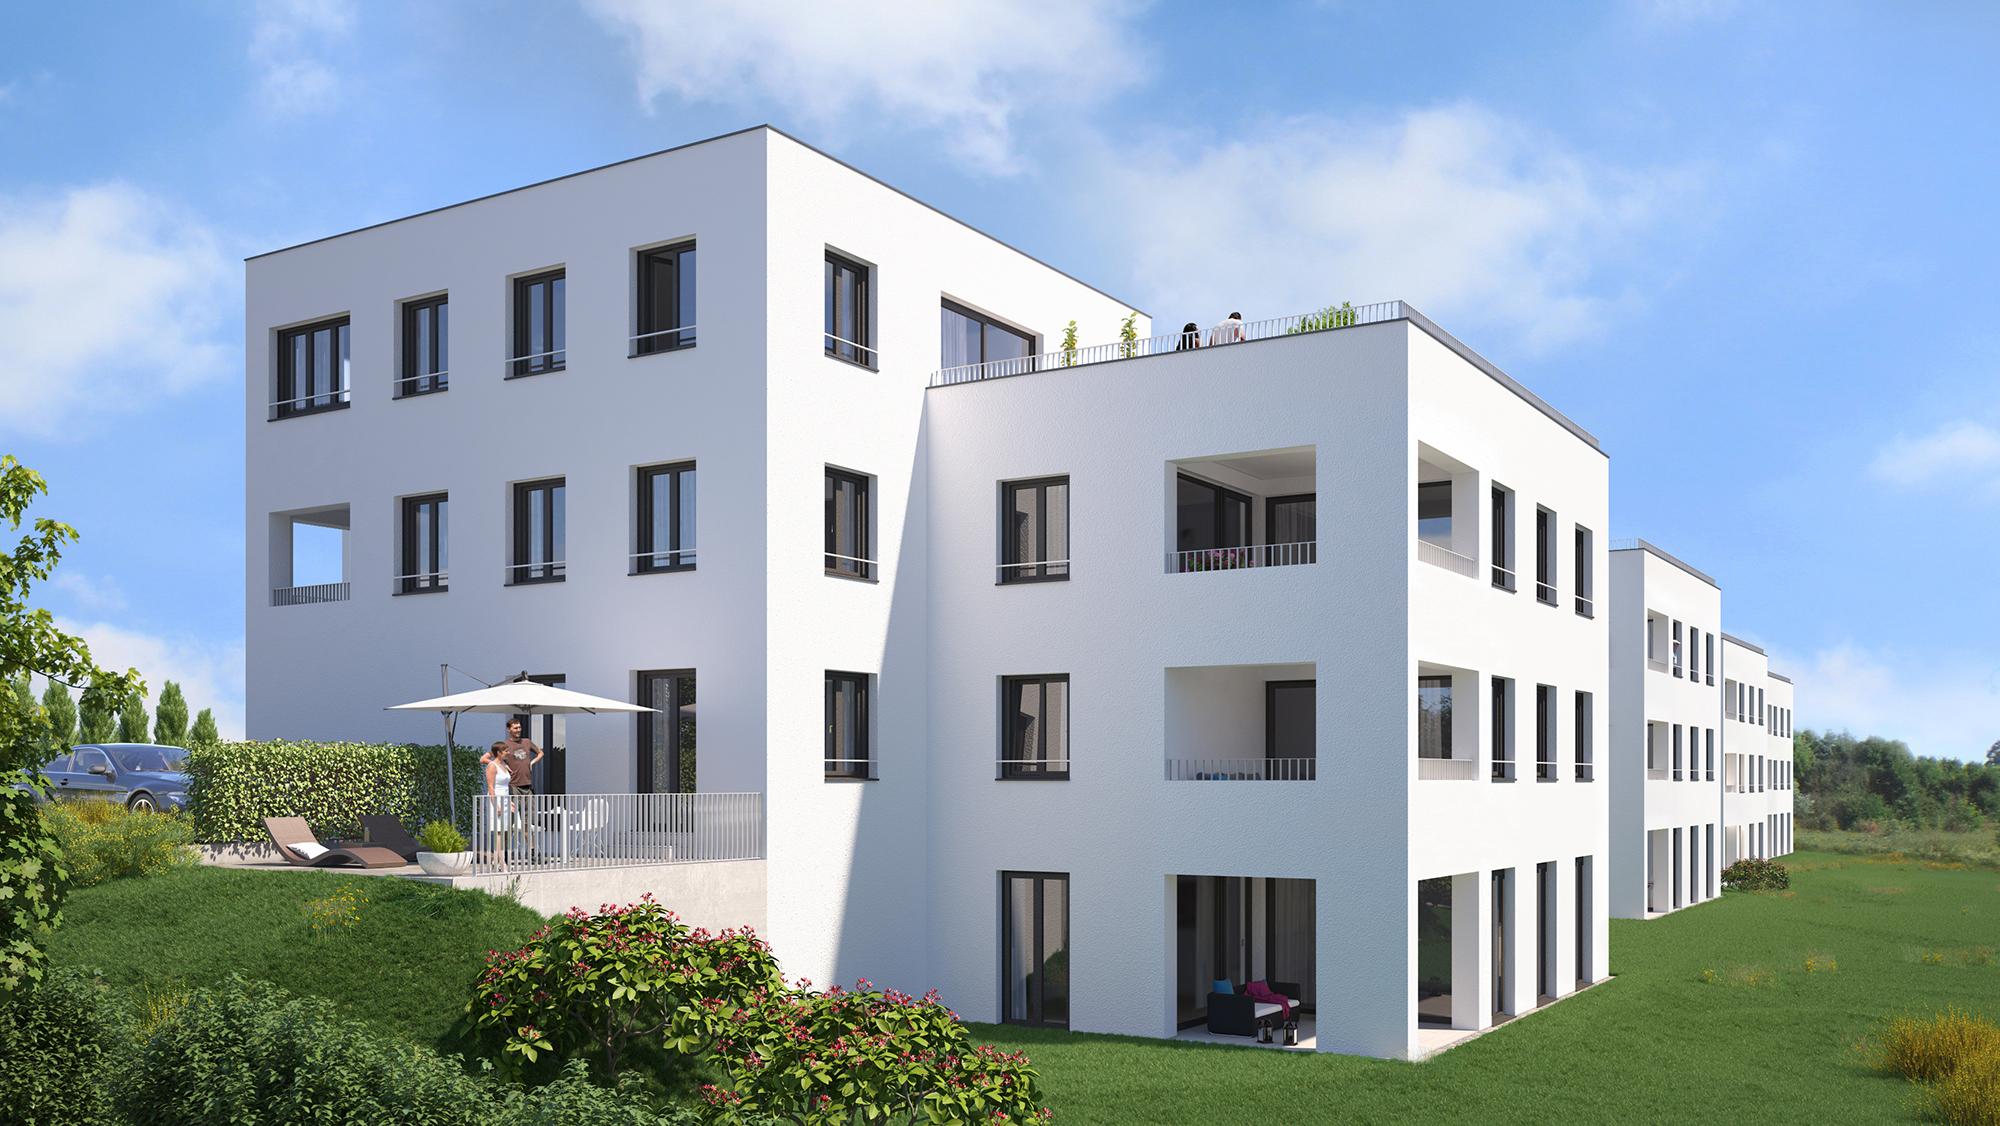 Anjana Perera Visualisierung -  Wohnbebauung in Aulendorf- für BauPunkt Weingarten